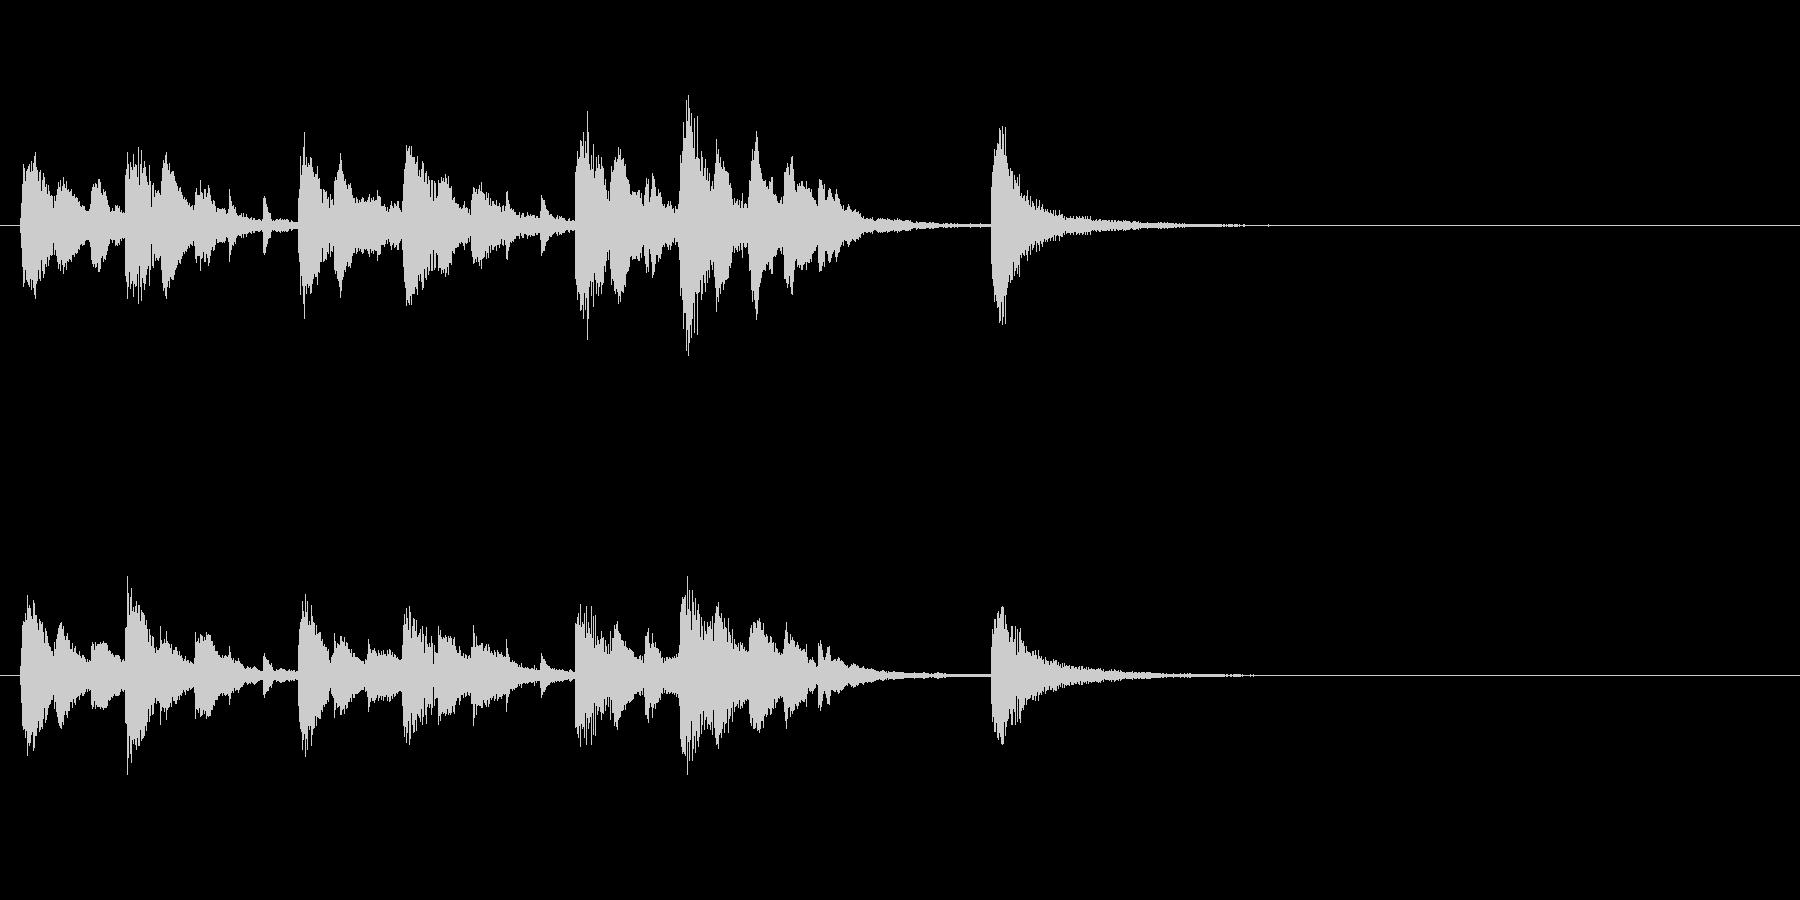 ピアノとストリングスのジングルの未再生の波形